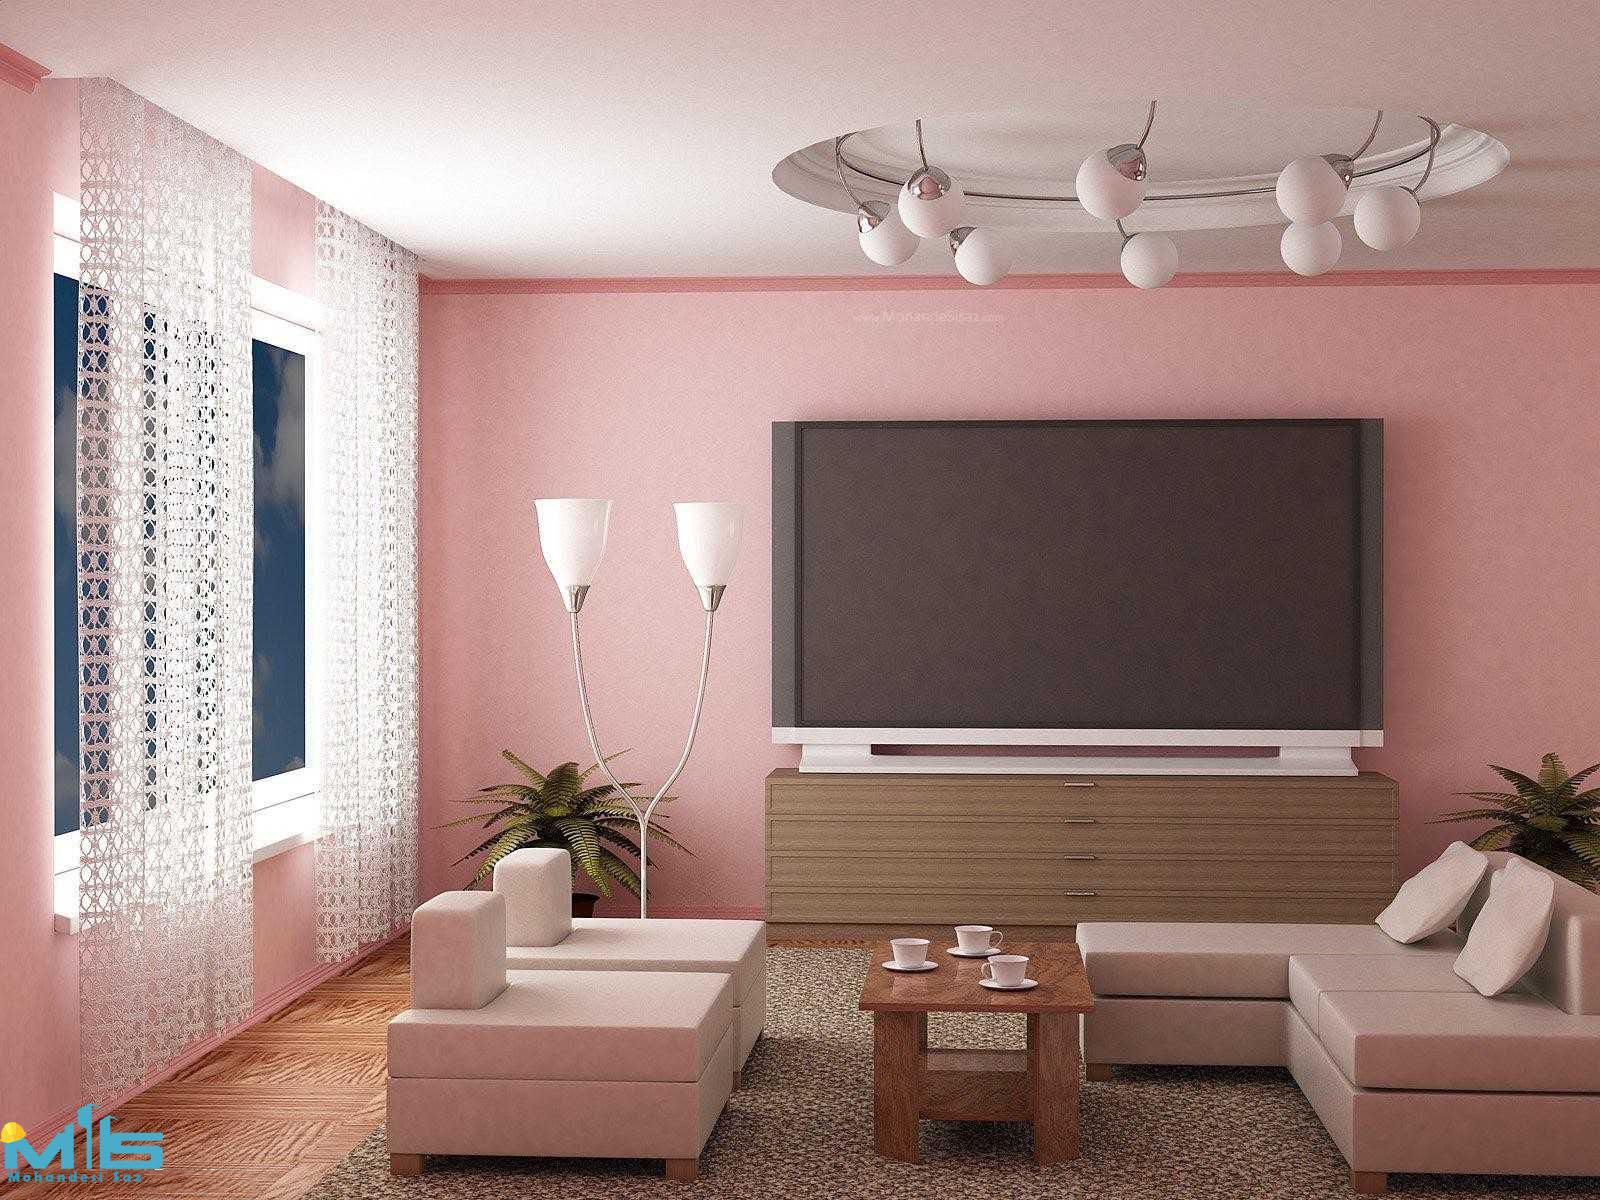 طراحی داخلی و اهمیت انتخاب رنگ